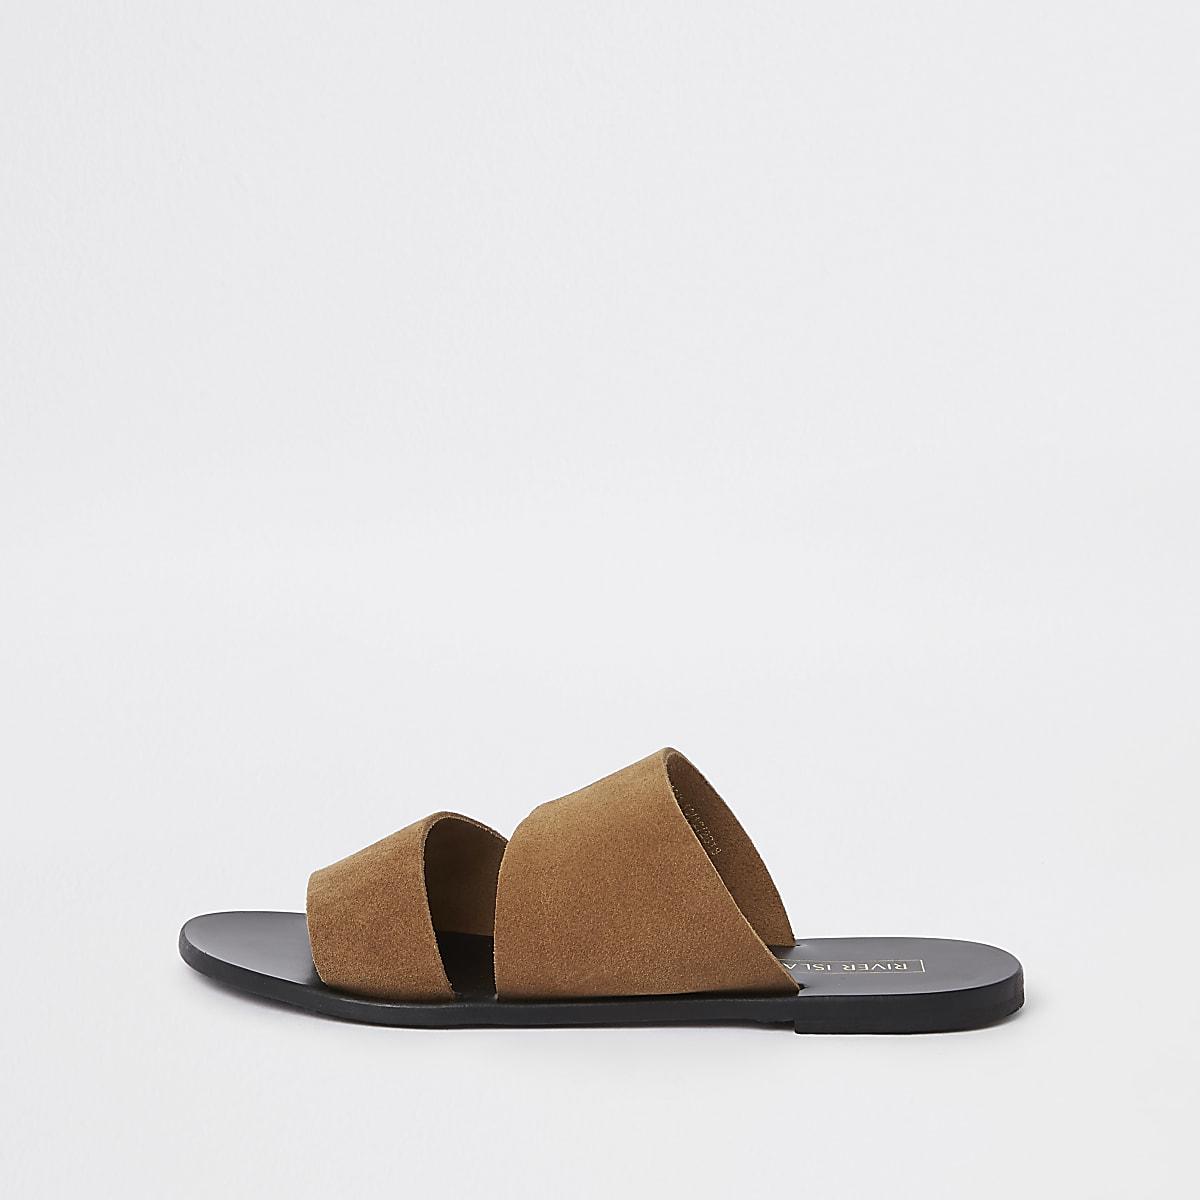 Brown suede mule flat sandals